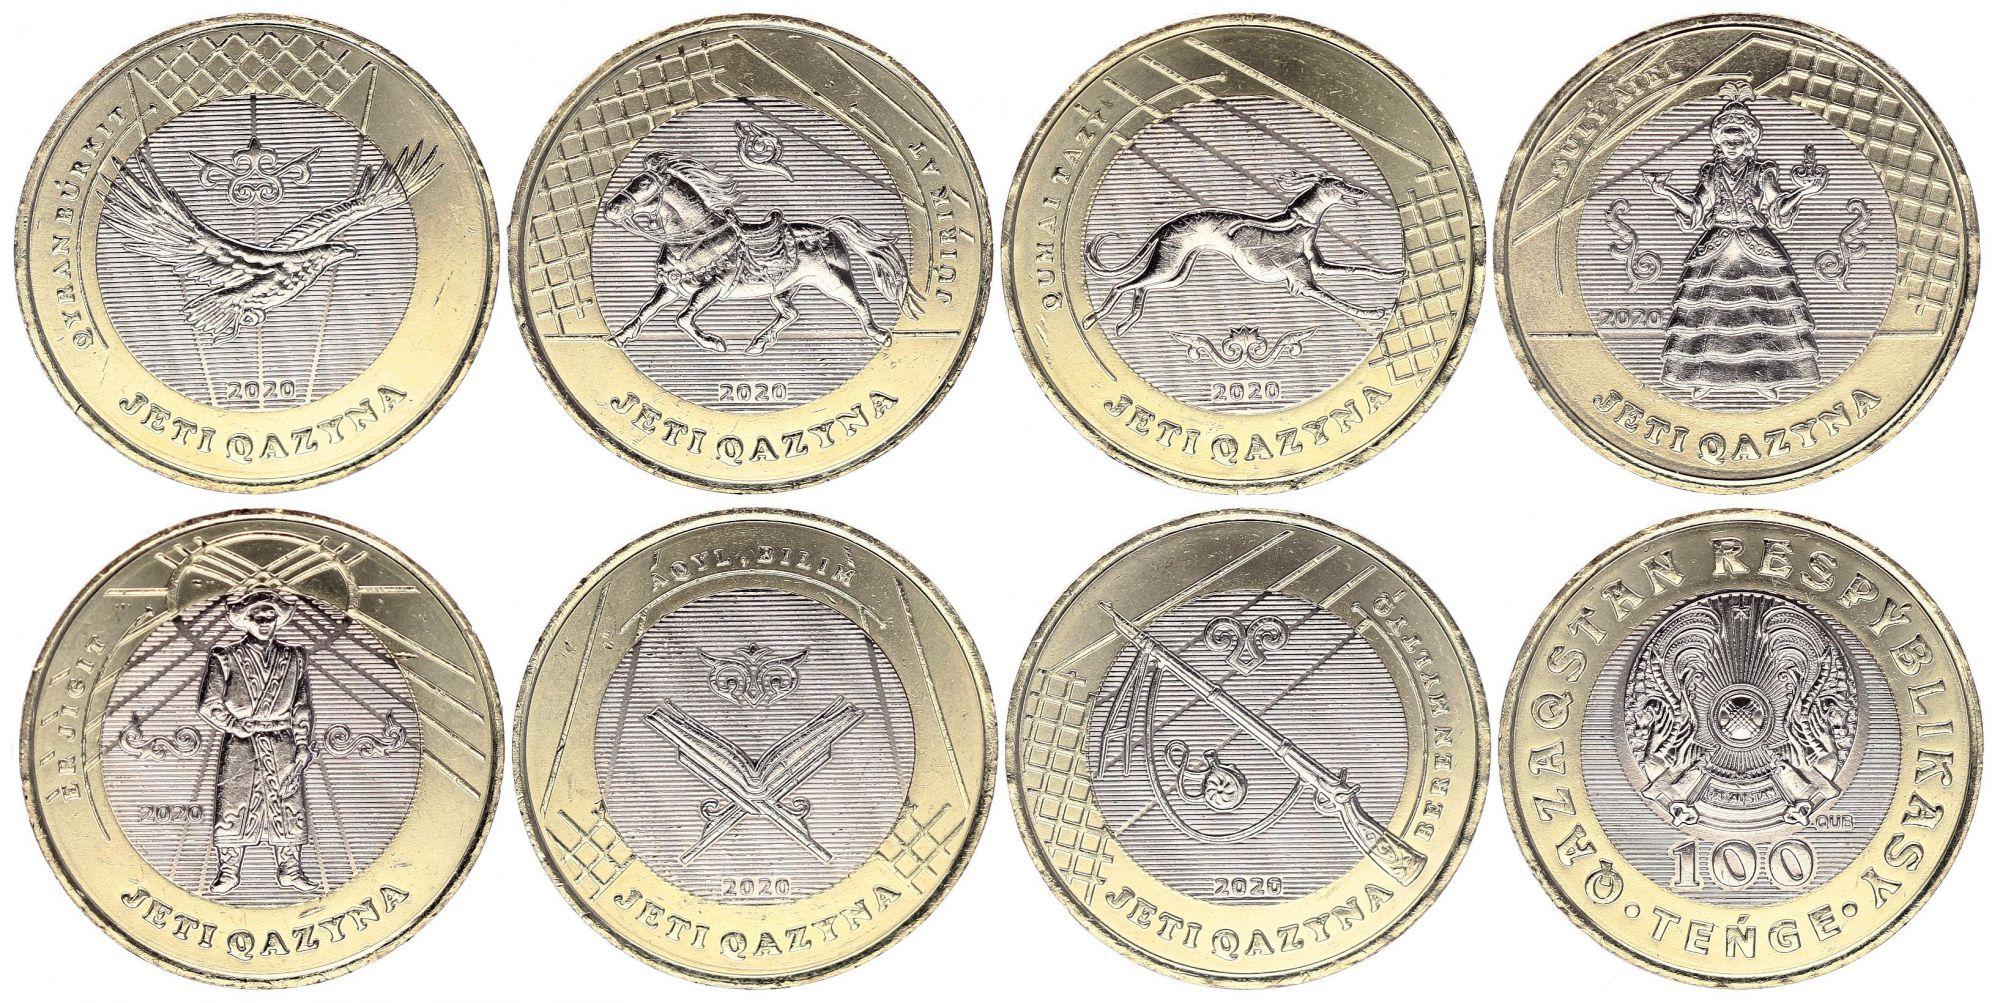 Kazakhstan Série 7 monnaies 2020 - 7 x 100 Tenge Trésor des Steps - Bimetal